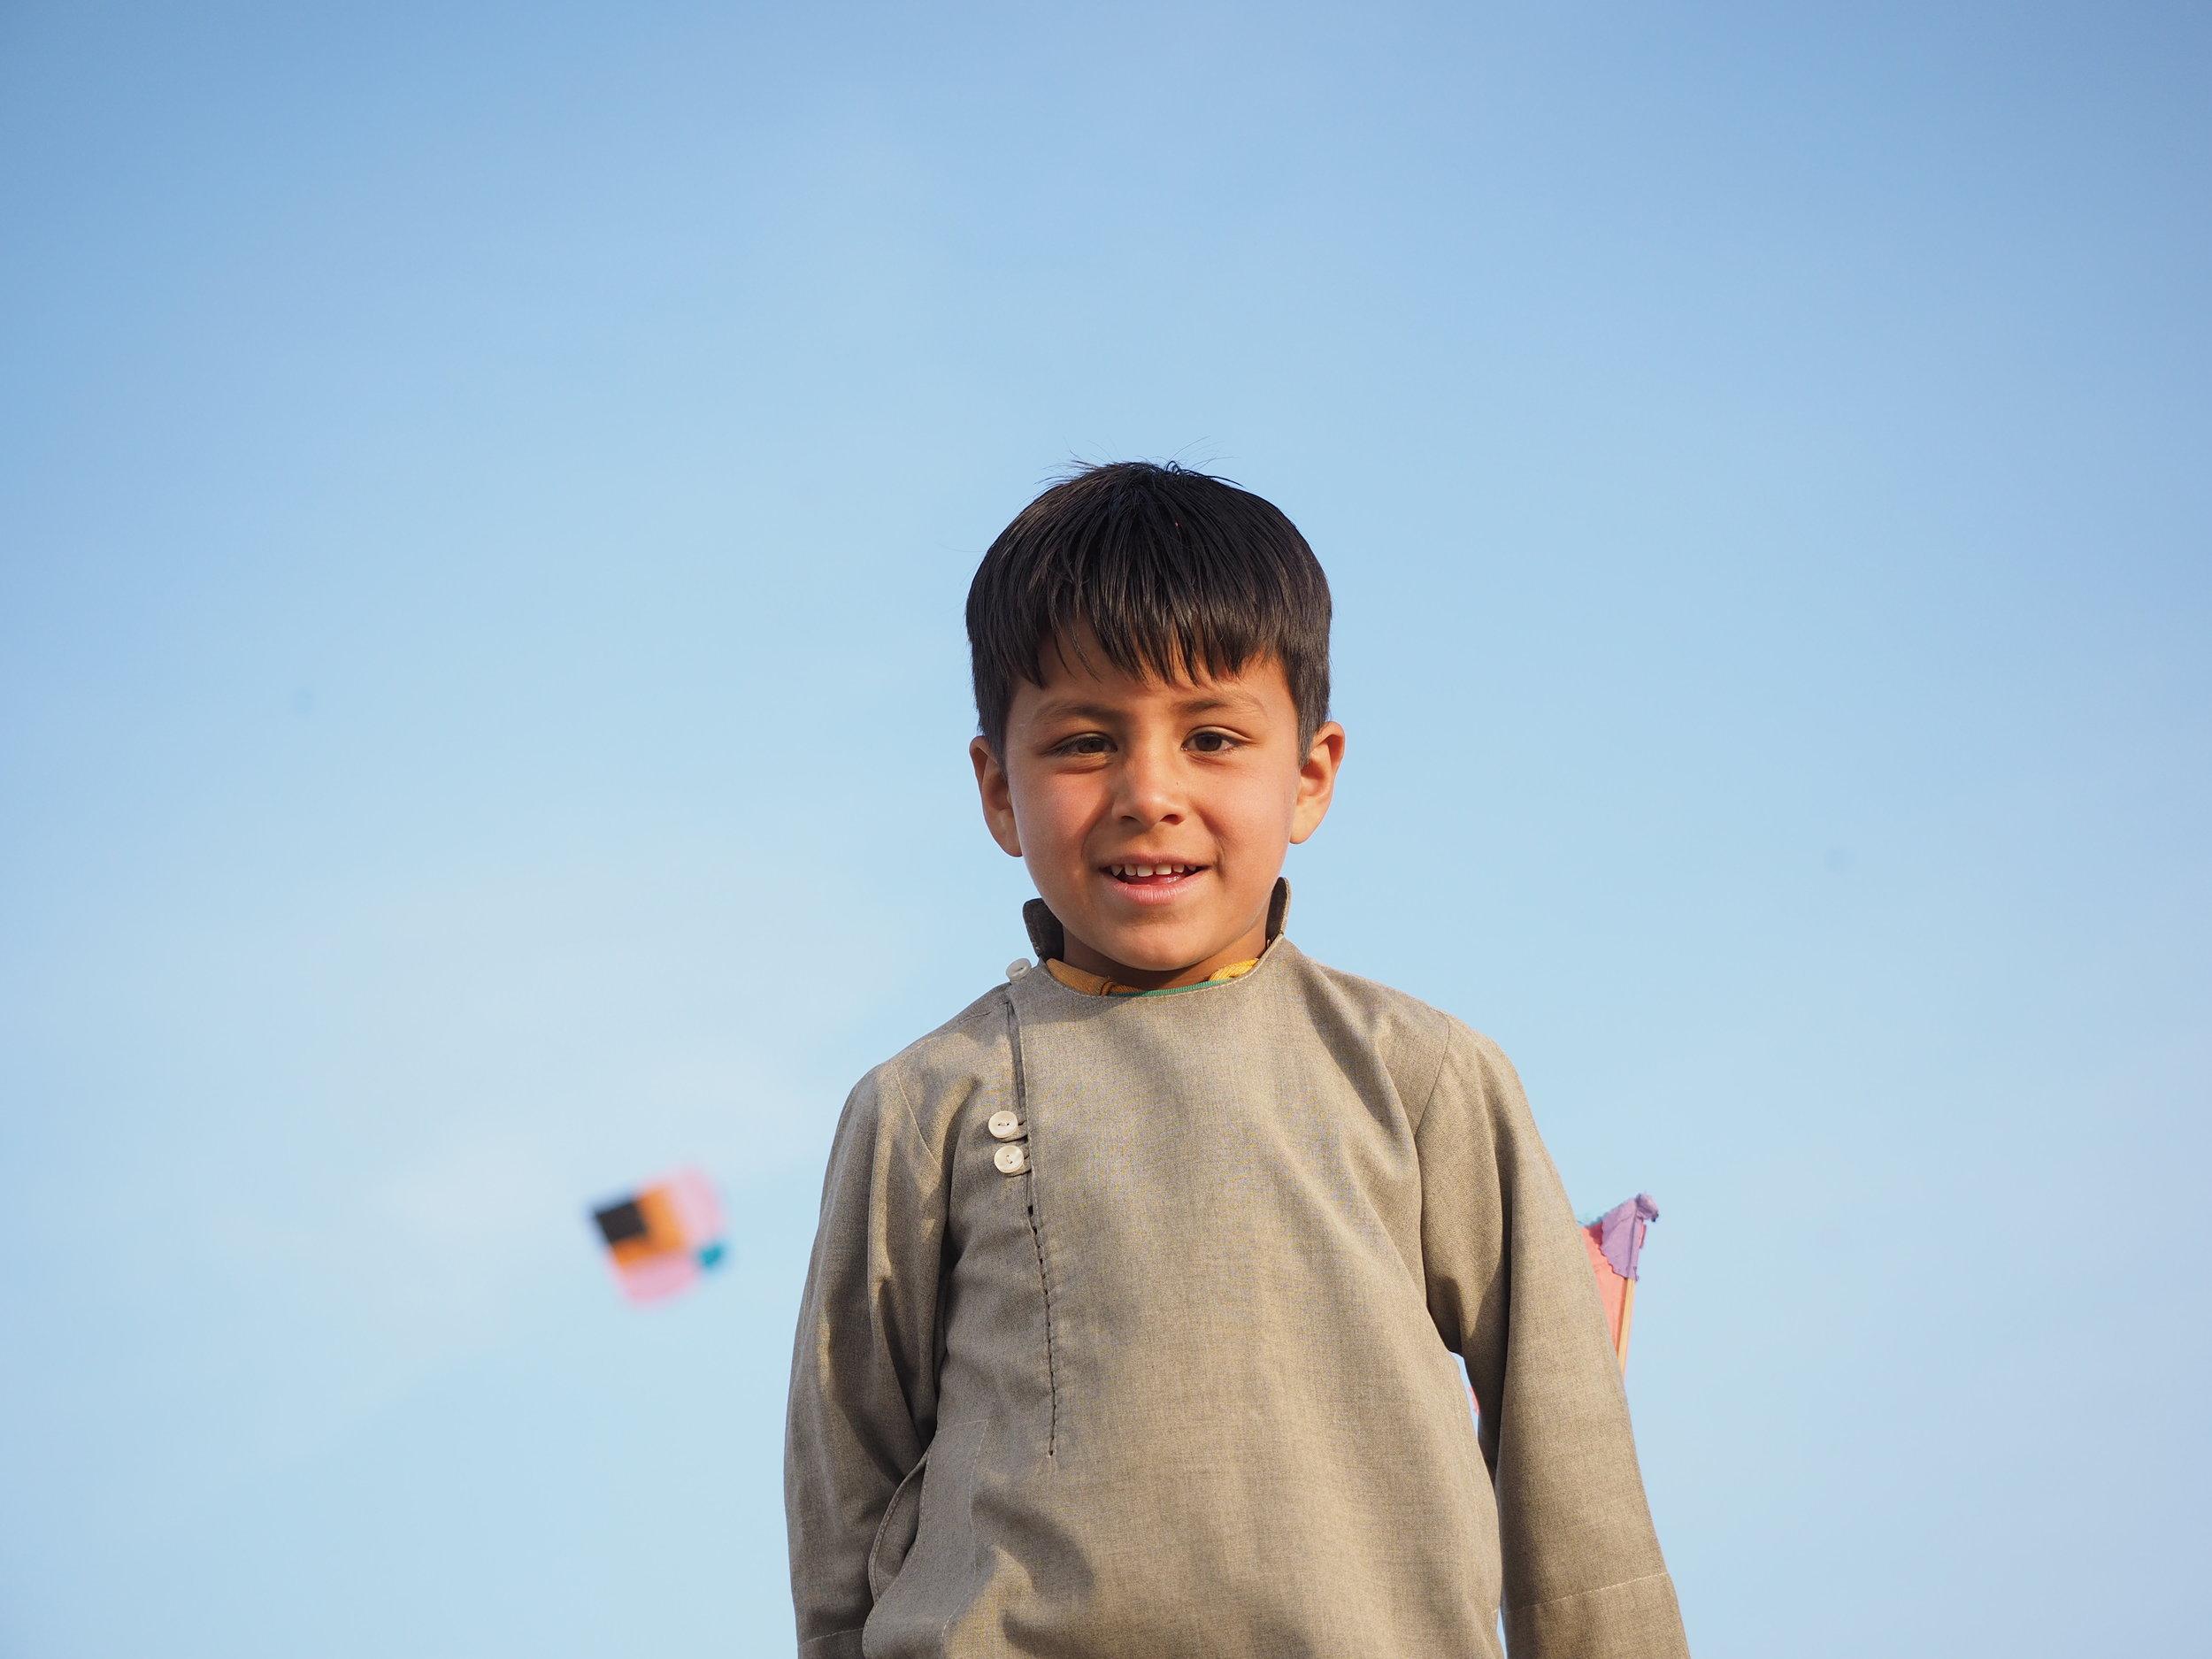 The real kite runner.